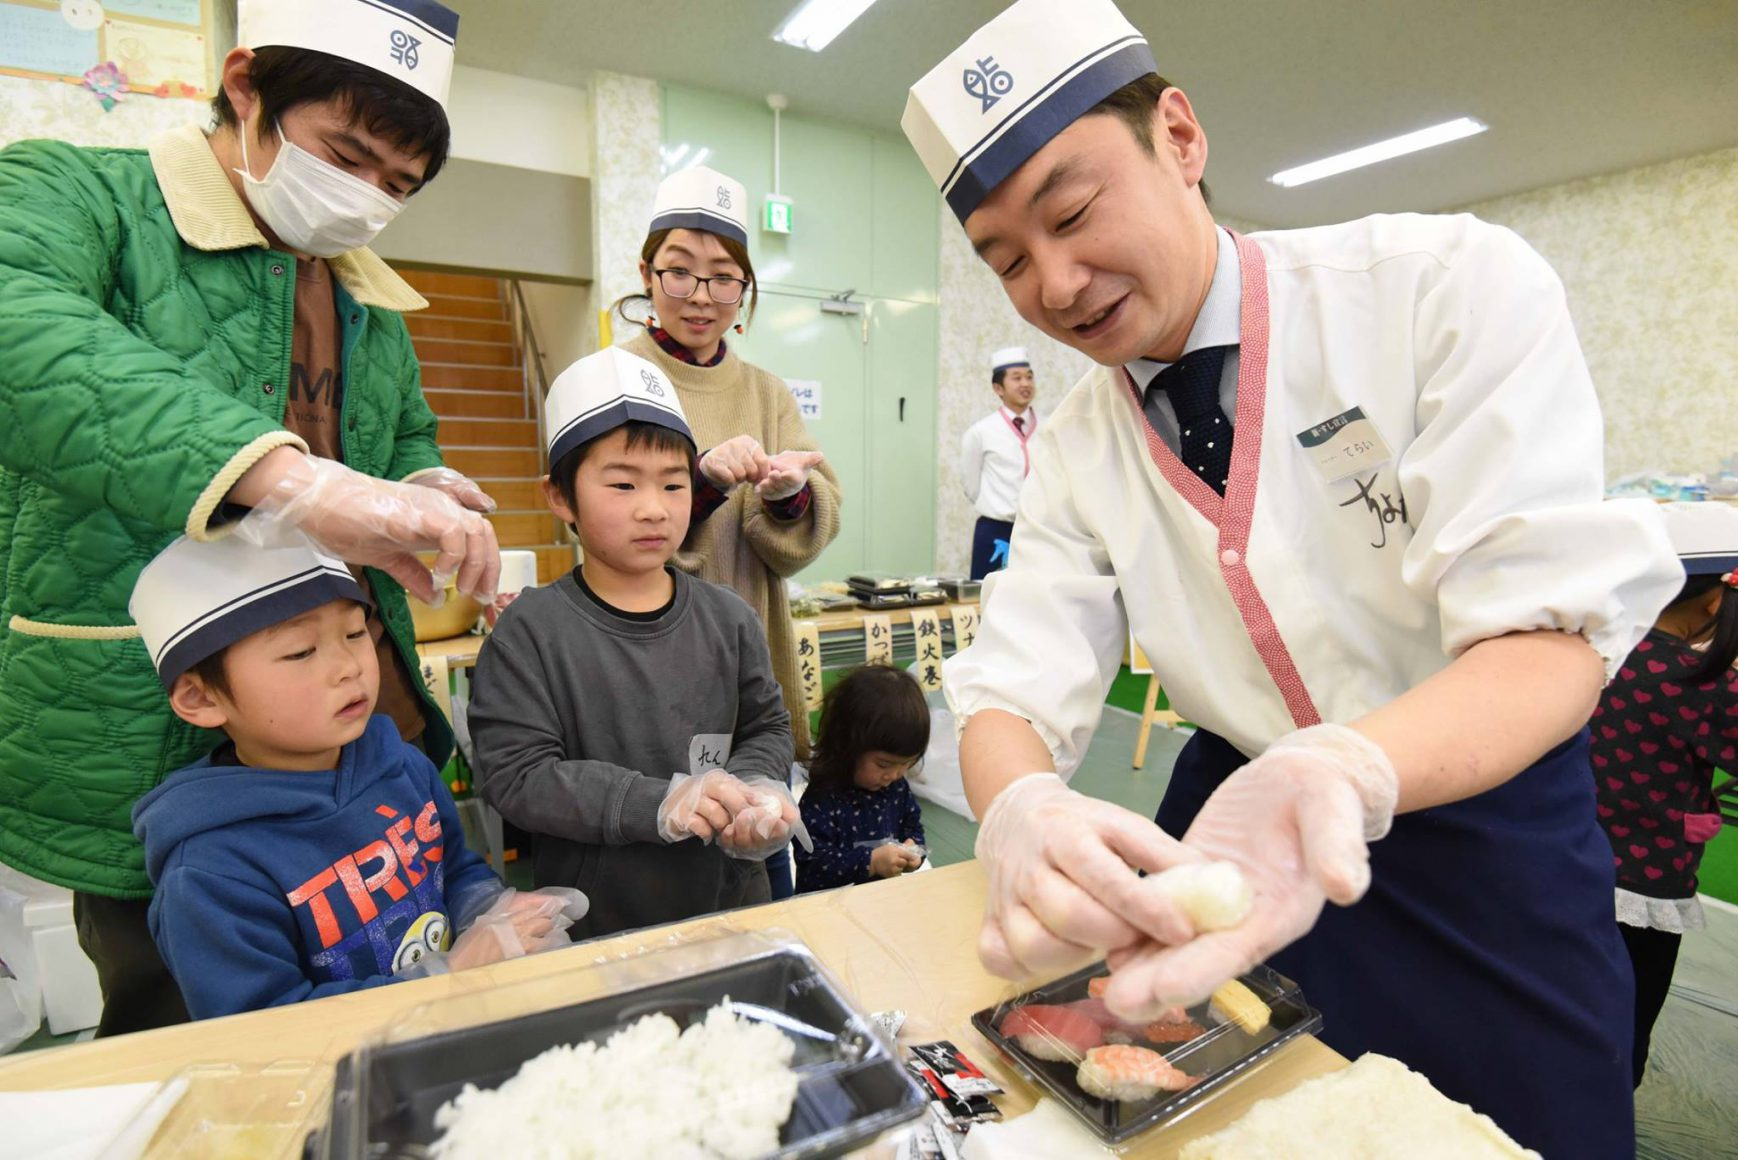 本格江戸前すし「ちよだ鮨」の皆さんが南相馬の子どもたちにお寿司を振る舞いに来てくださいました